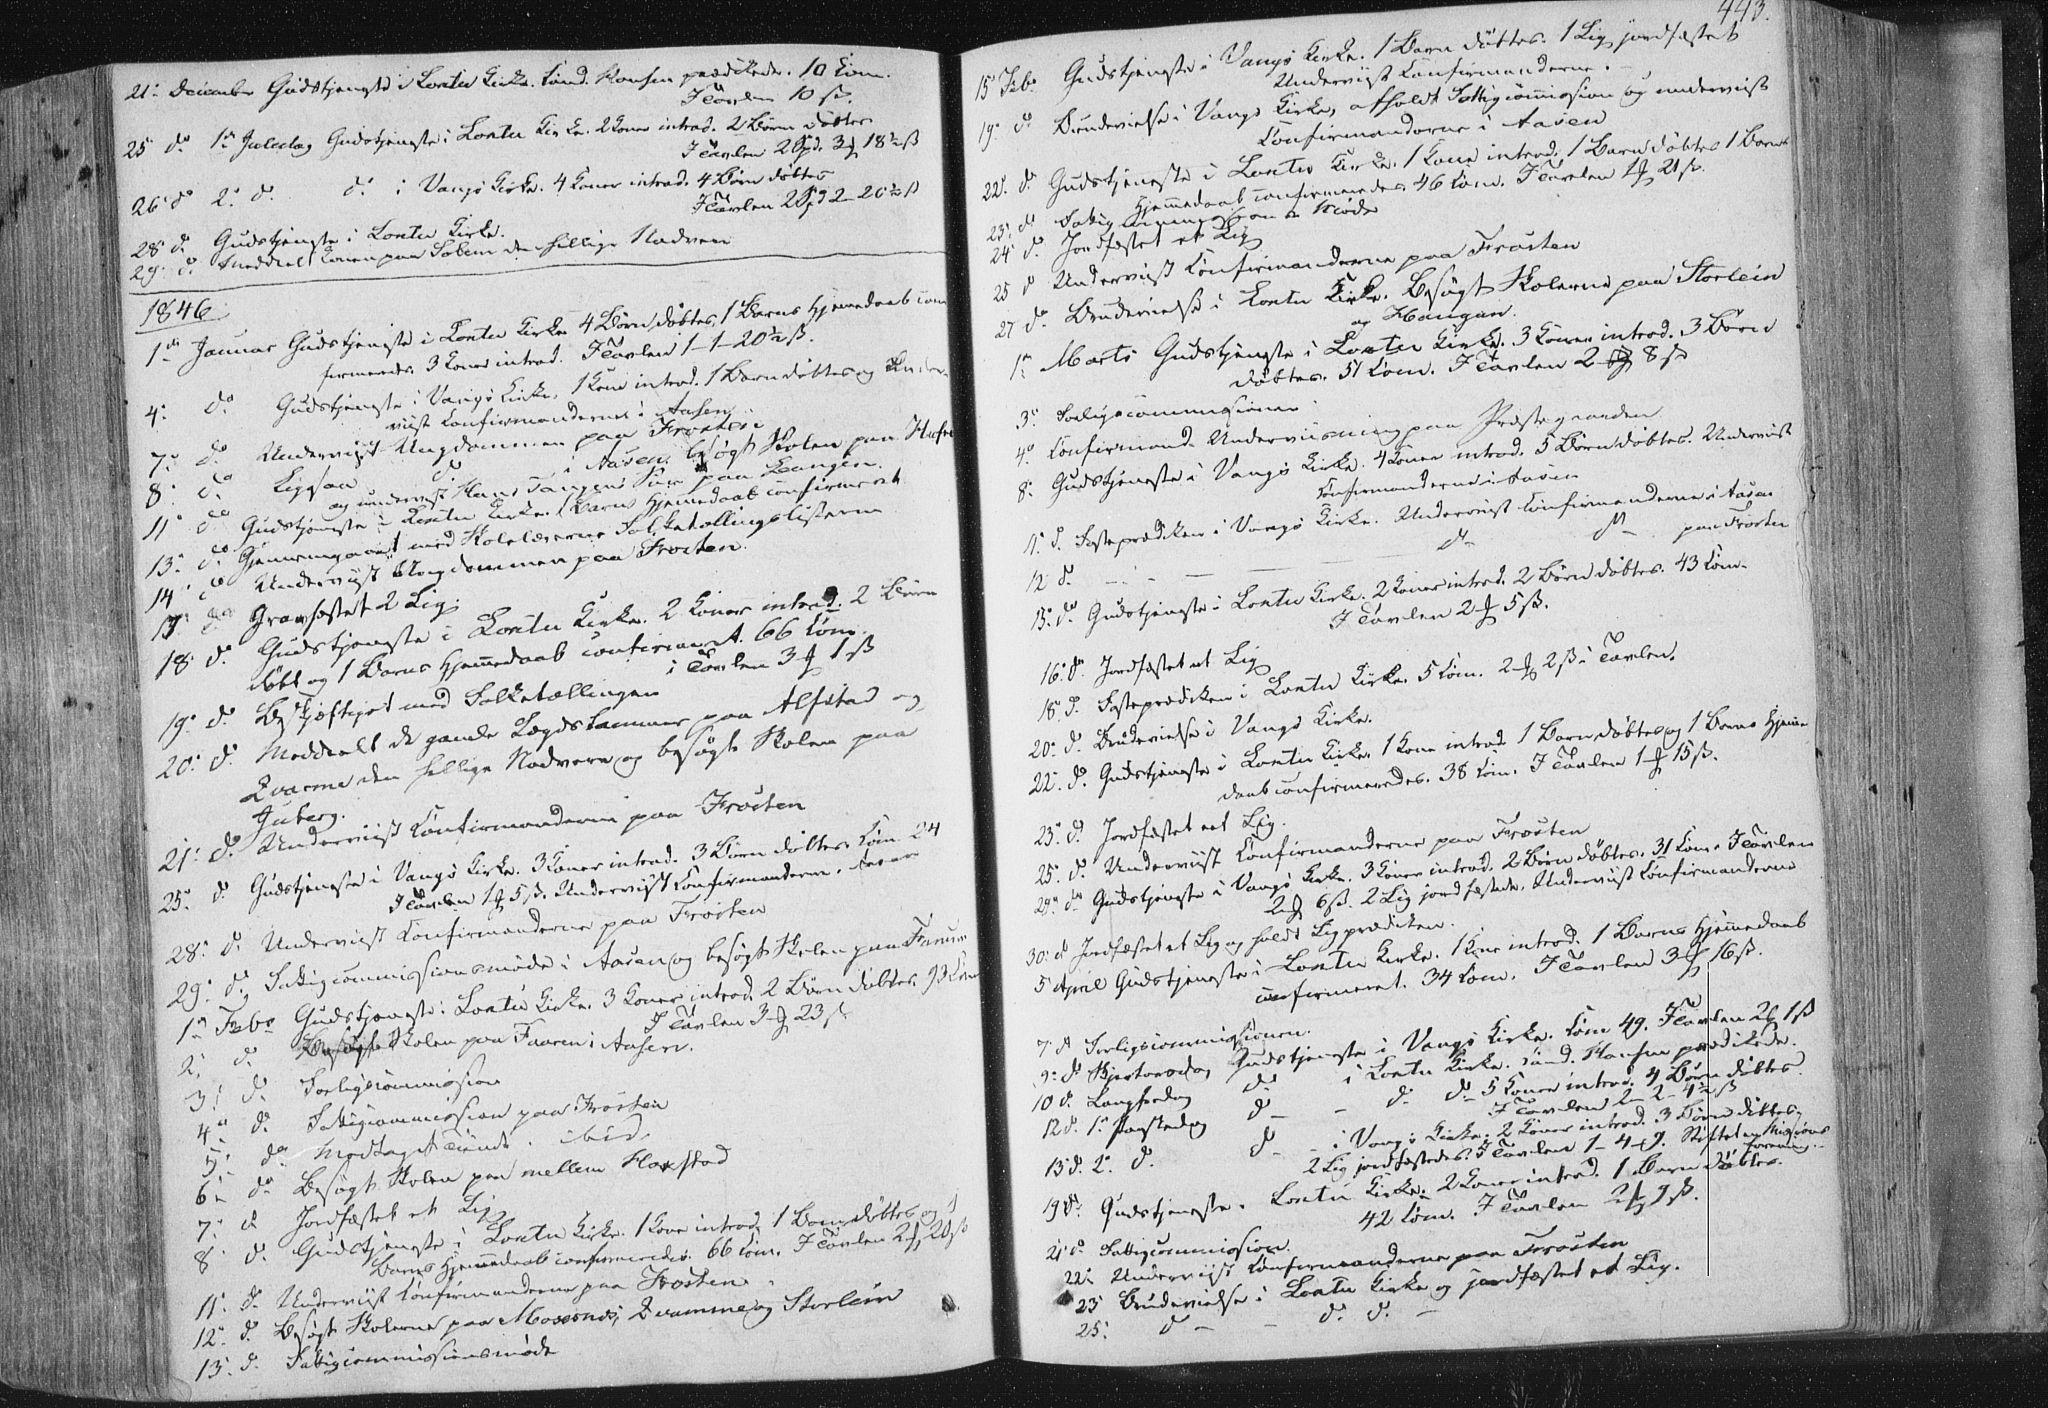 SAT, Ministerialprotokoller, klokkerbøker og fødselsregistre - Nord-Trøndelag, 713/L0115: Ministerialbok nr. 713A06, 1838-1851, s. 443